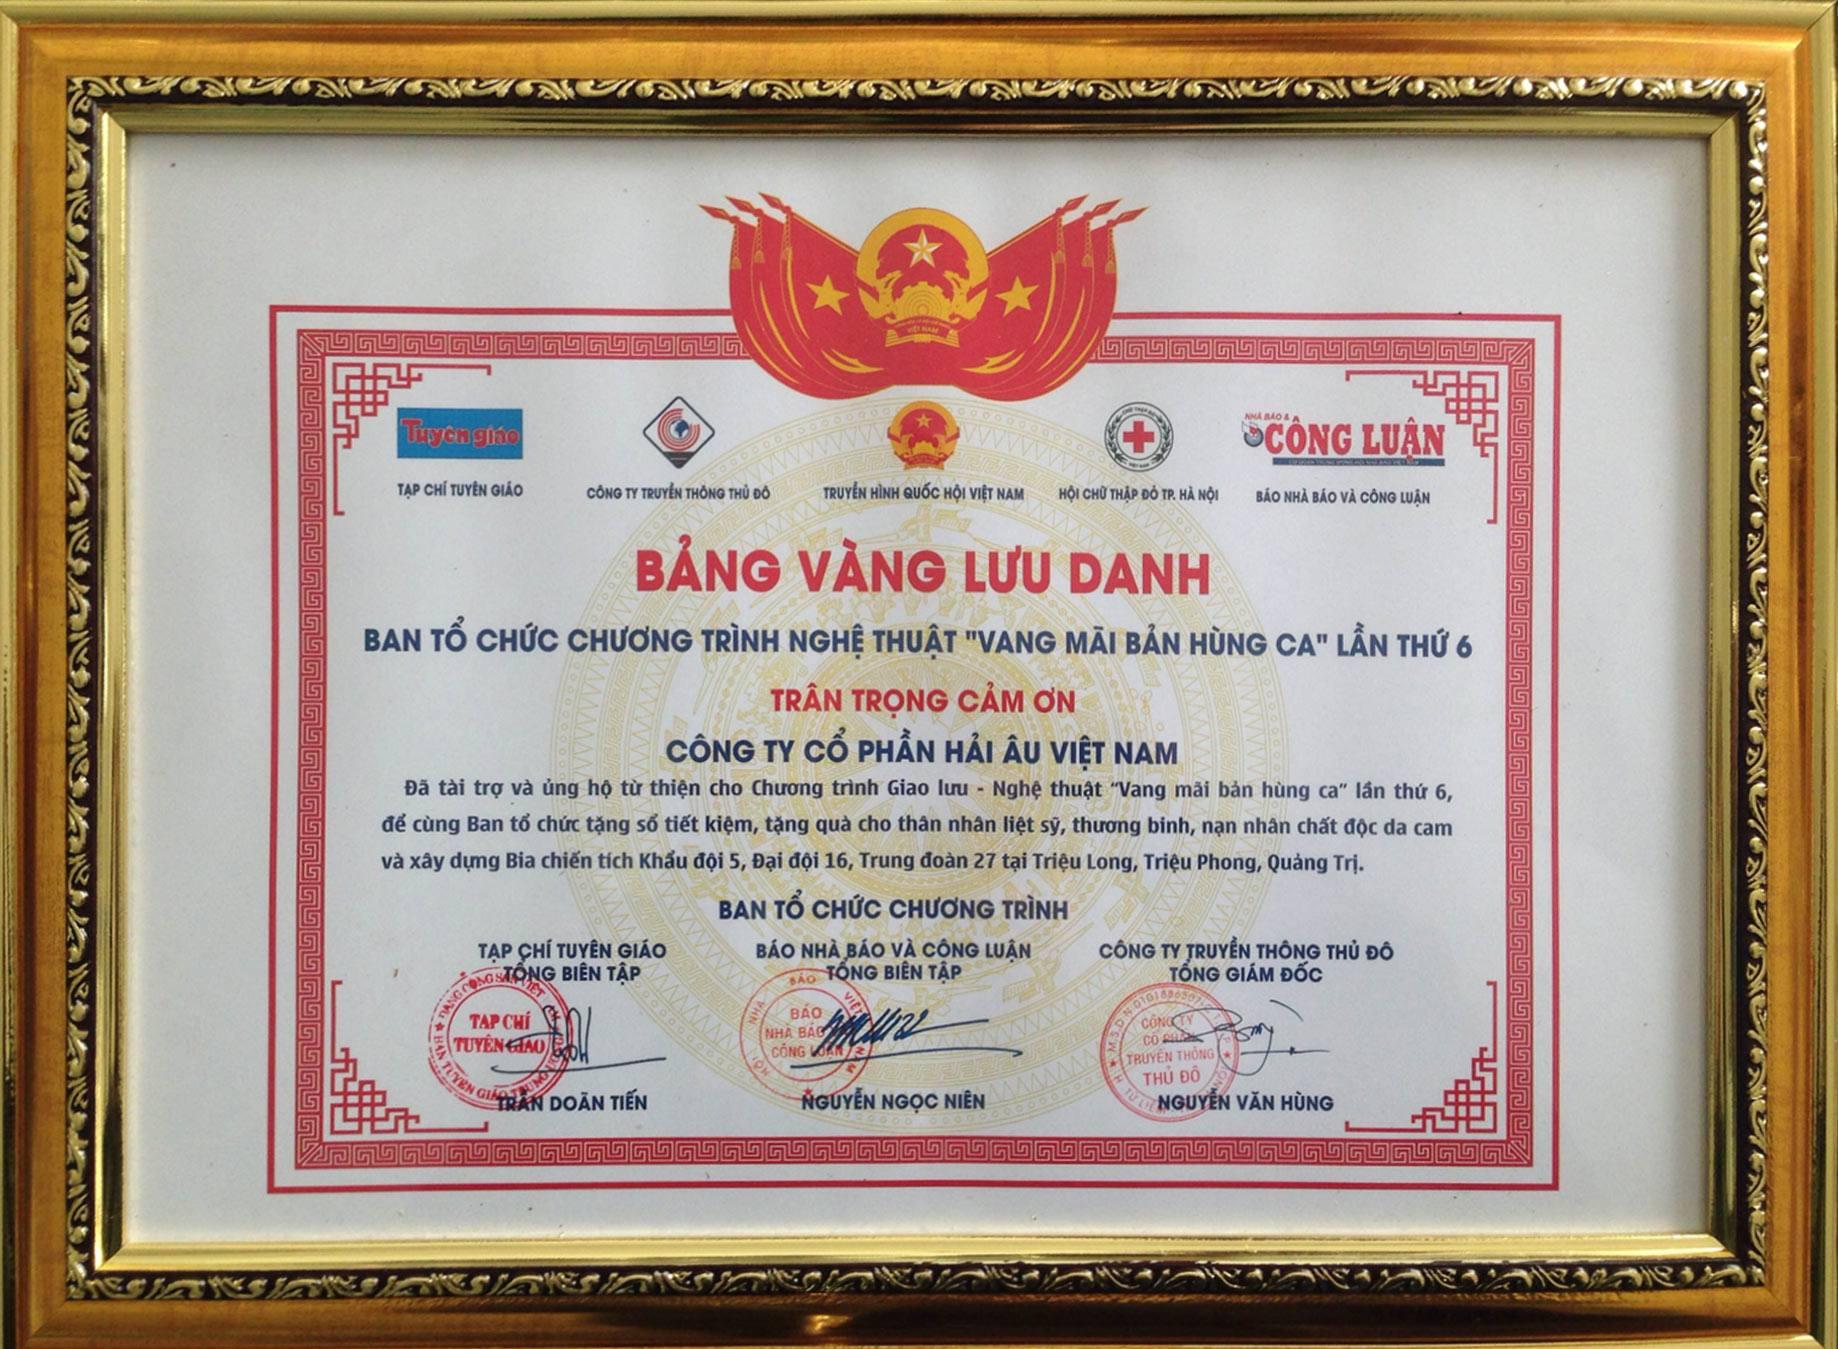 Hải Âu Việt Nam đồng hành cùng chương trình vang mãi hùng ca